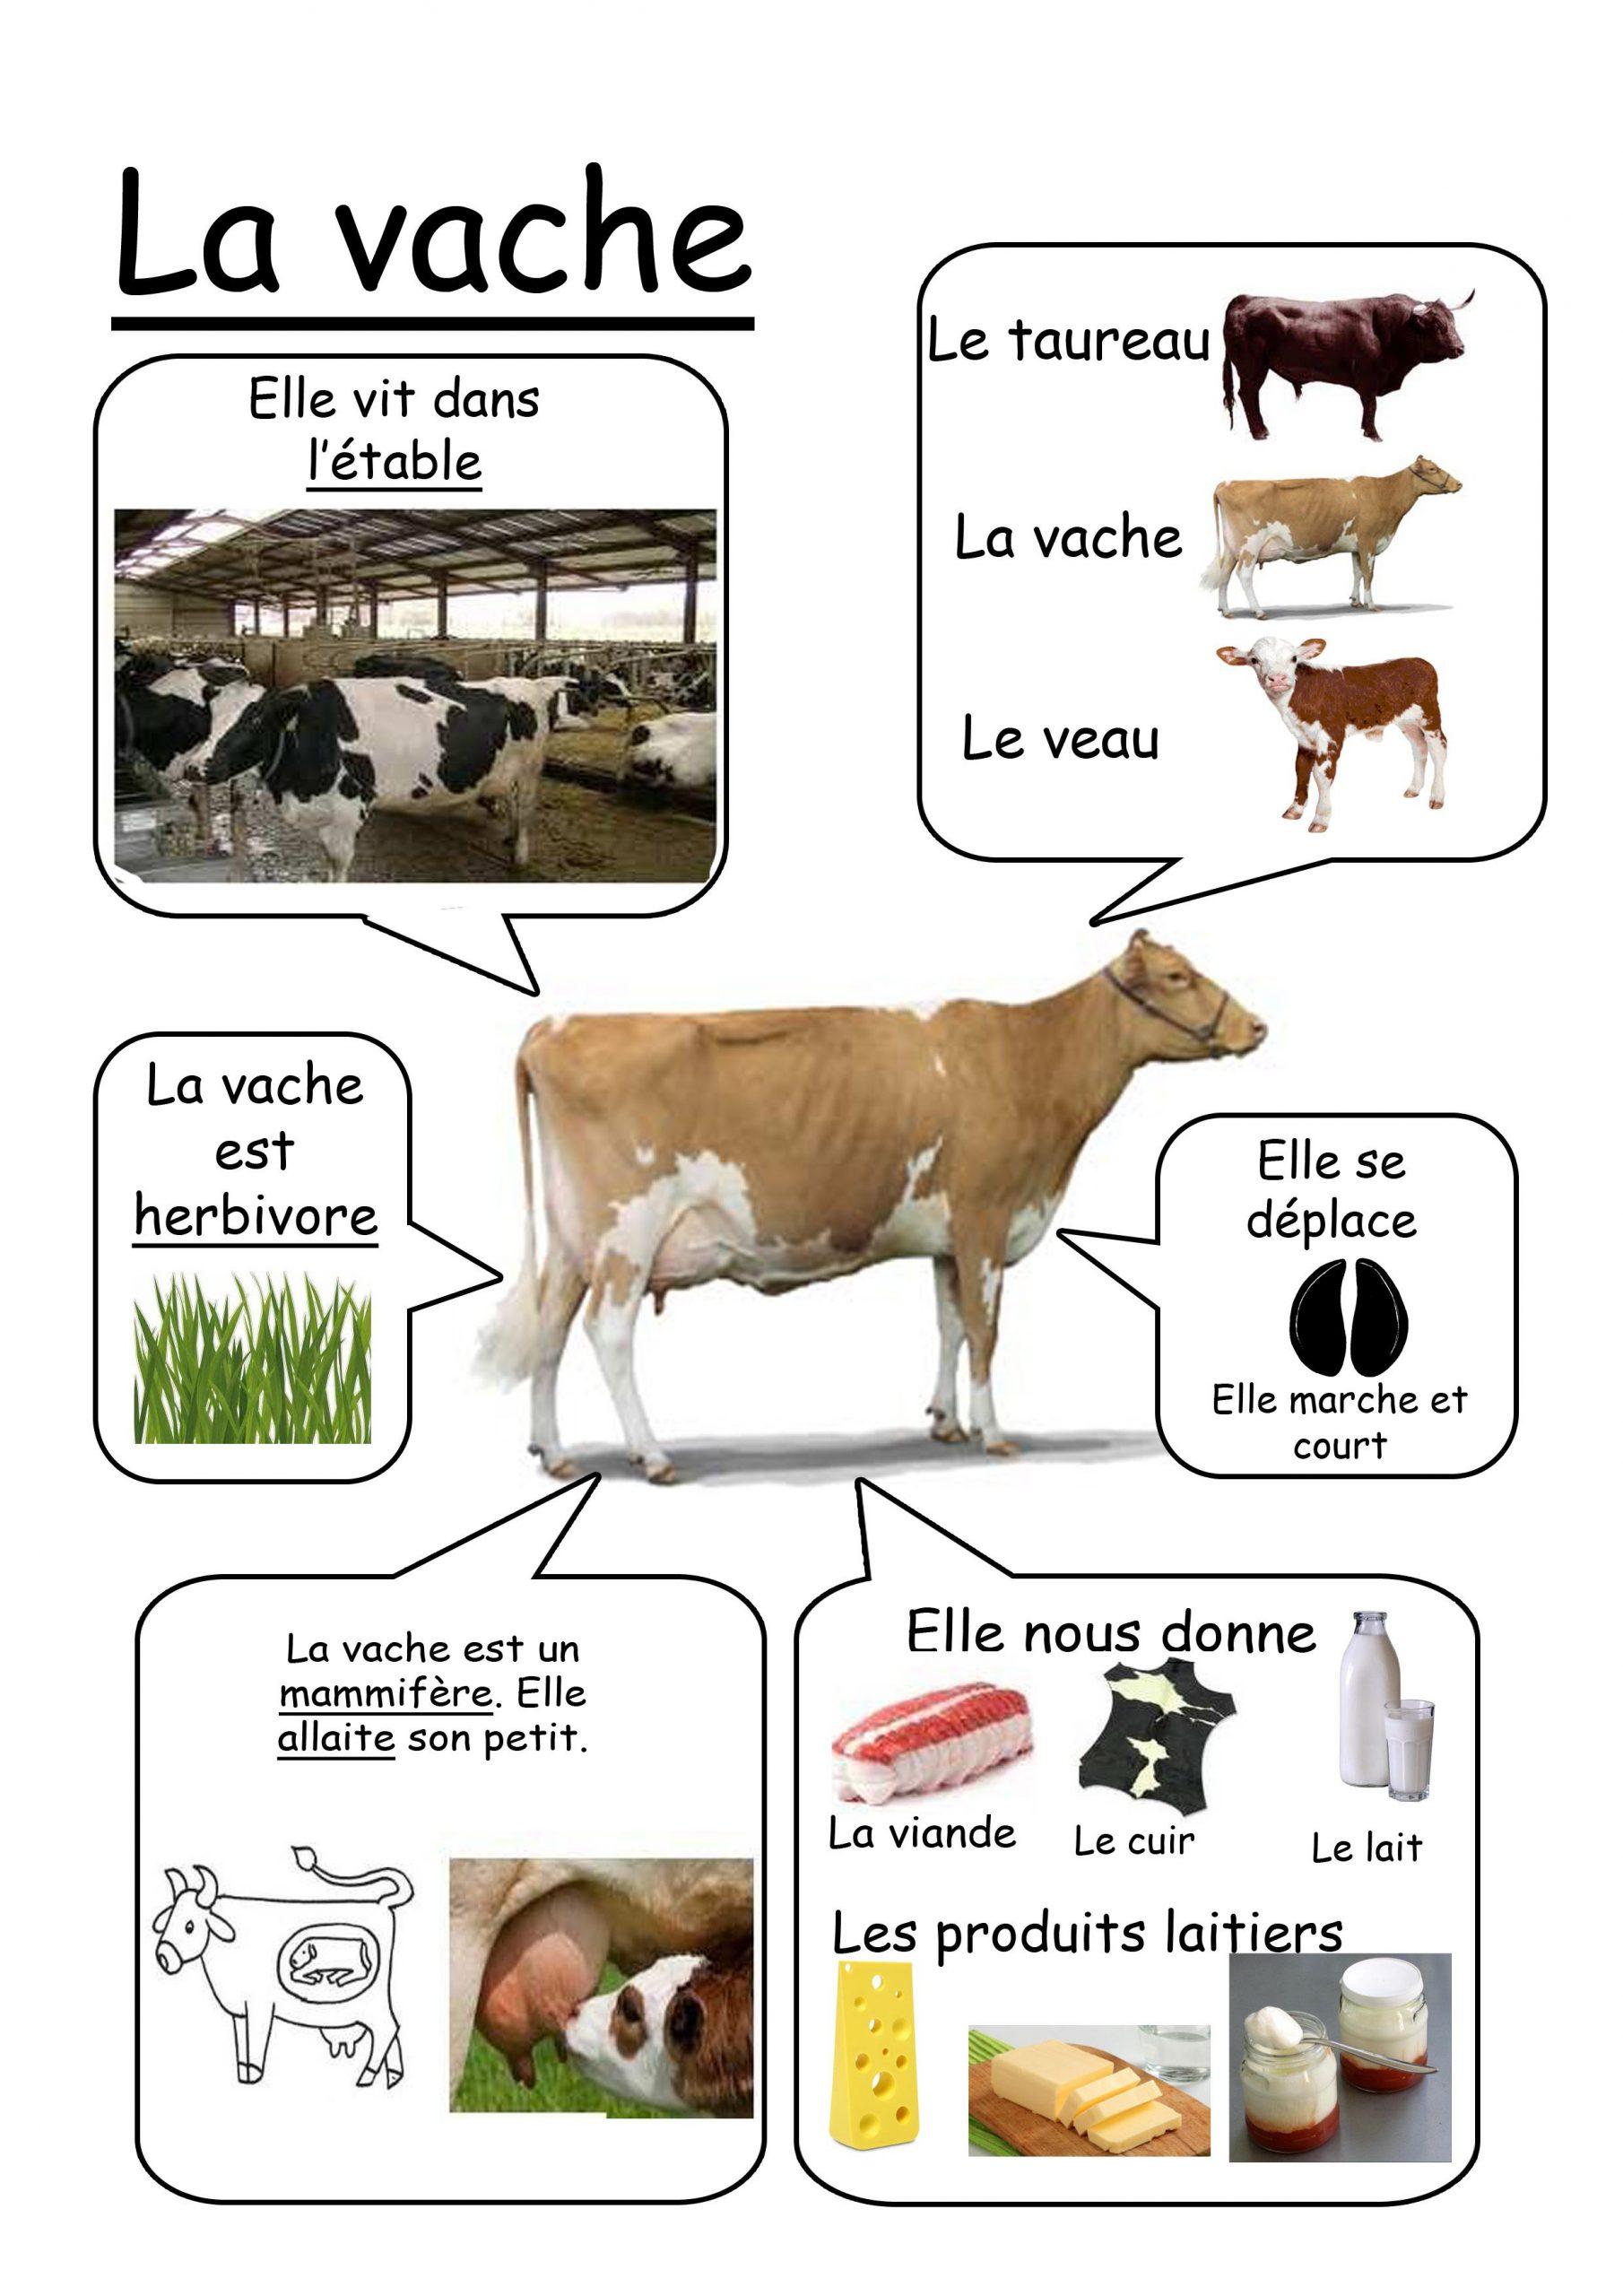 Vache - Animaux De La Ferme   Animaux De La Ferme destiné Imagier Animaux De La Ferme